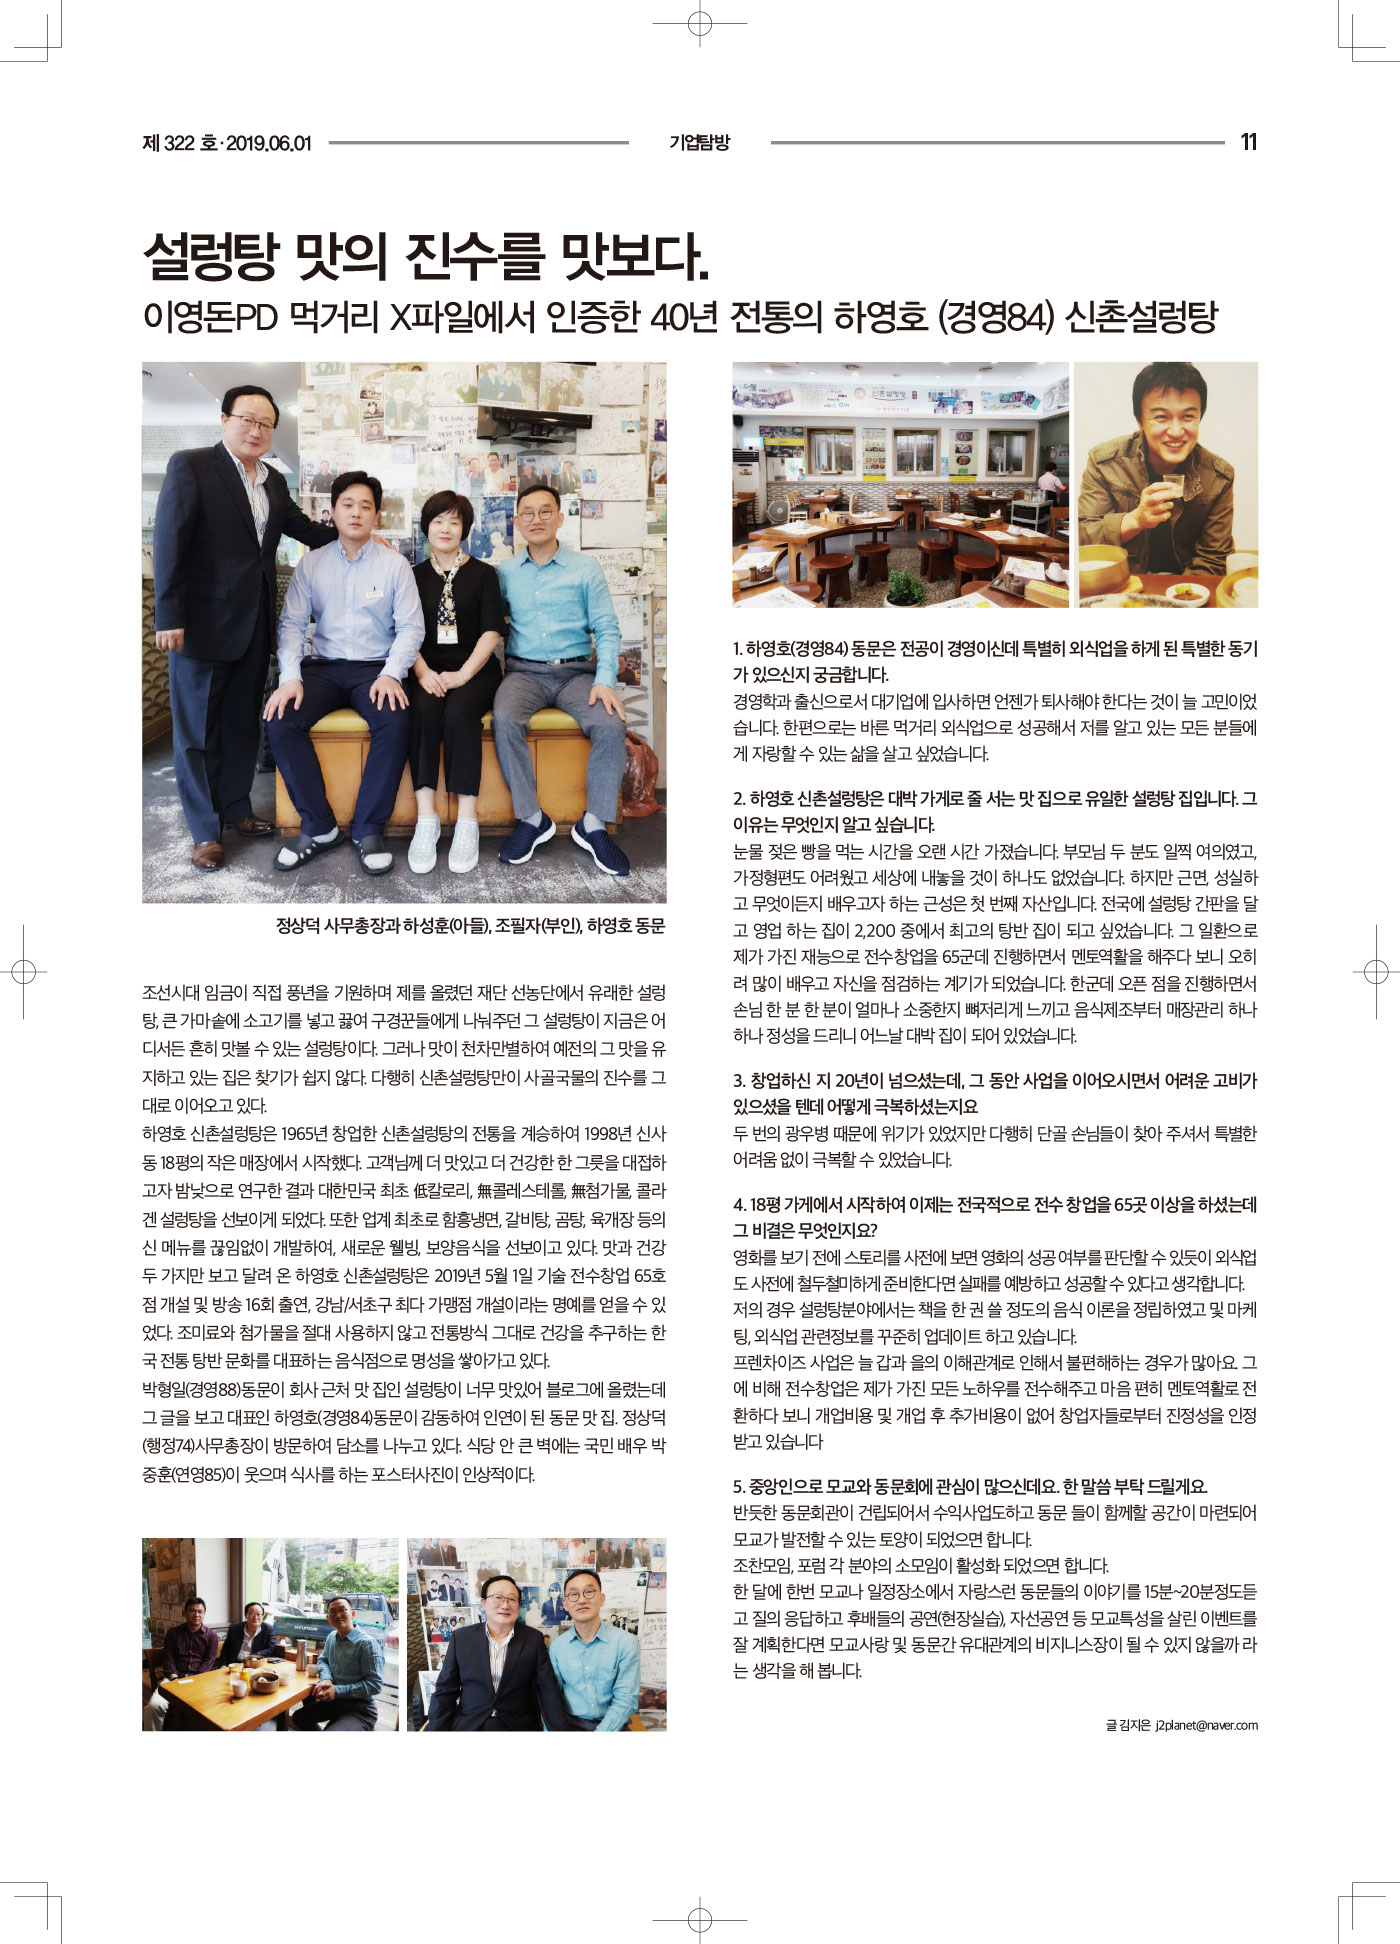 중앙대학교_동문회보190604-인쇄최종1-(1)-11.jpg